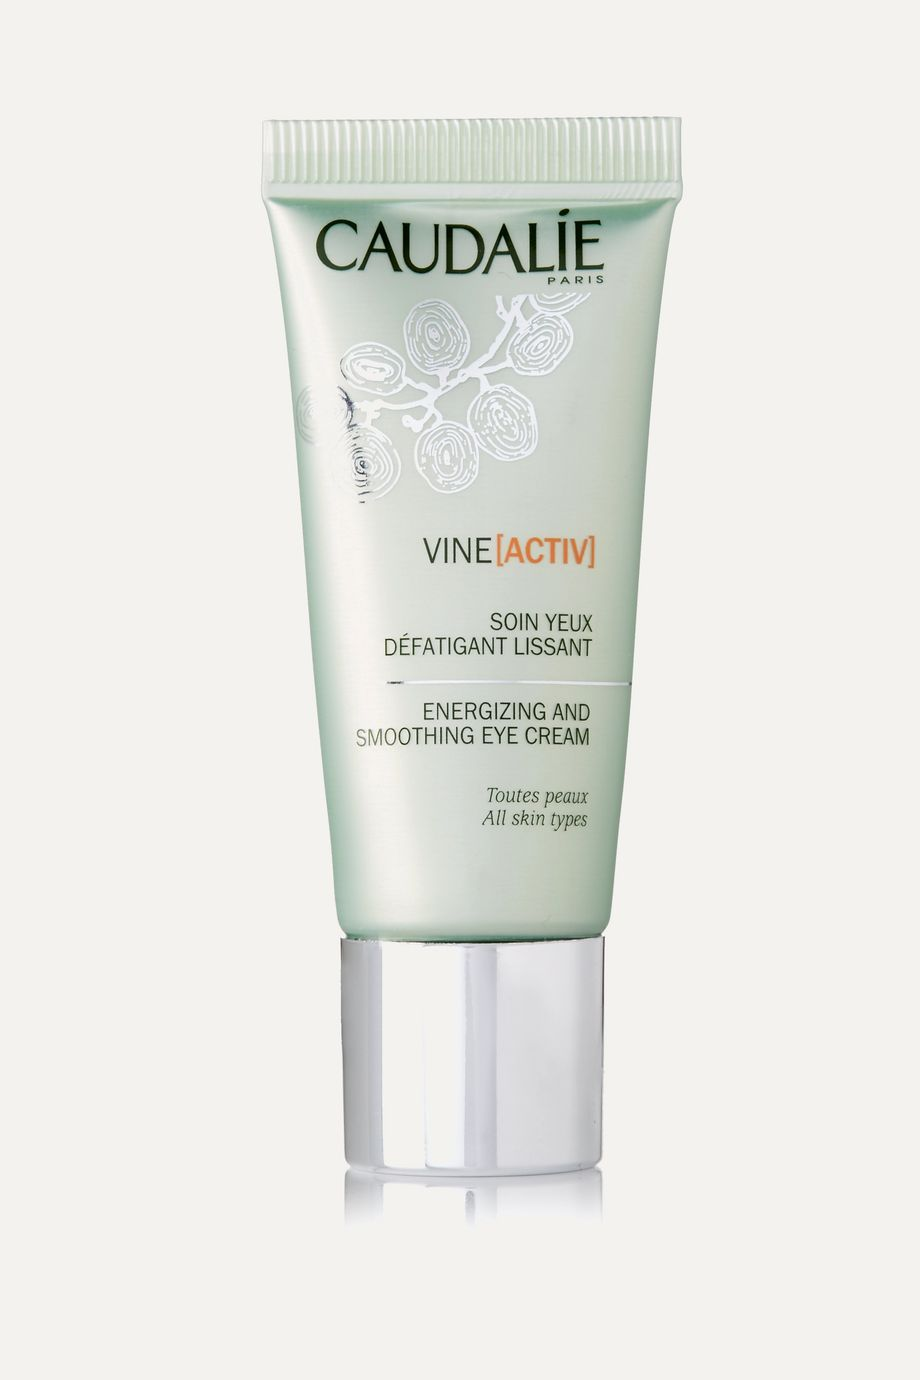 Caudalie VineActiv Energizing and Smoothing Eye Cream, 15ml